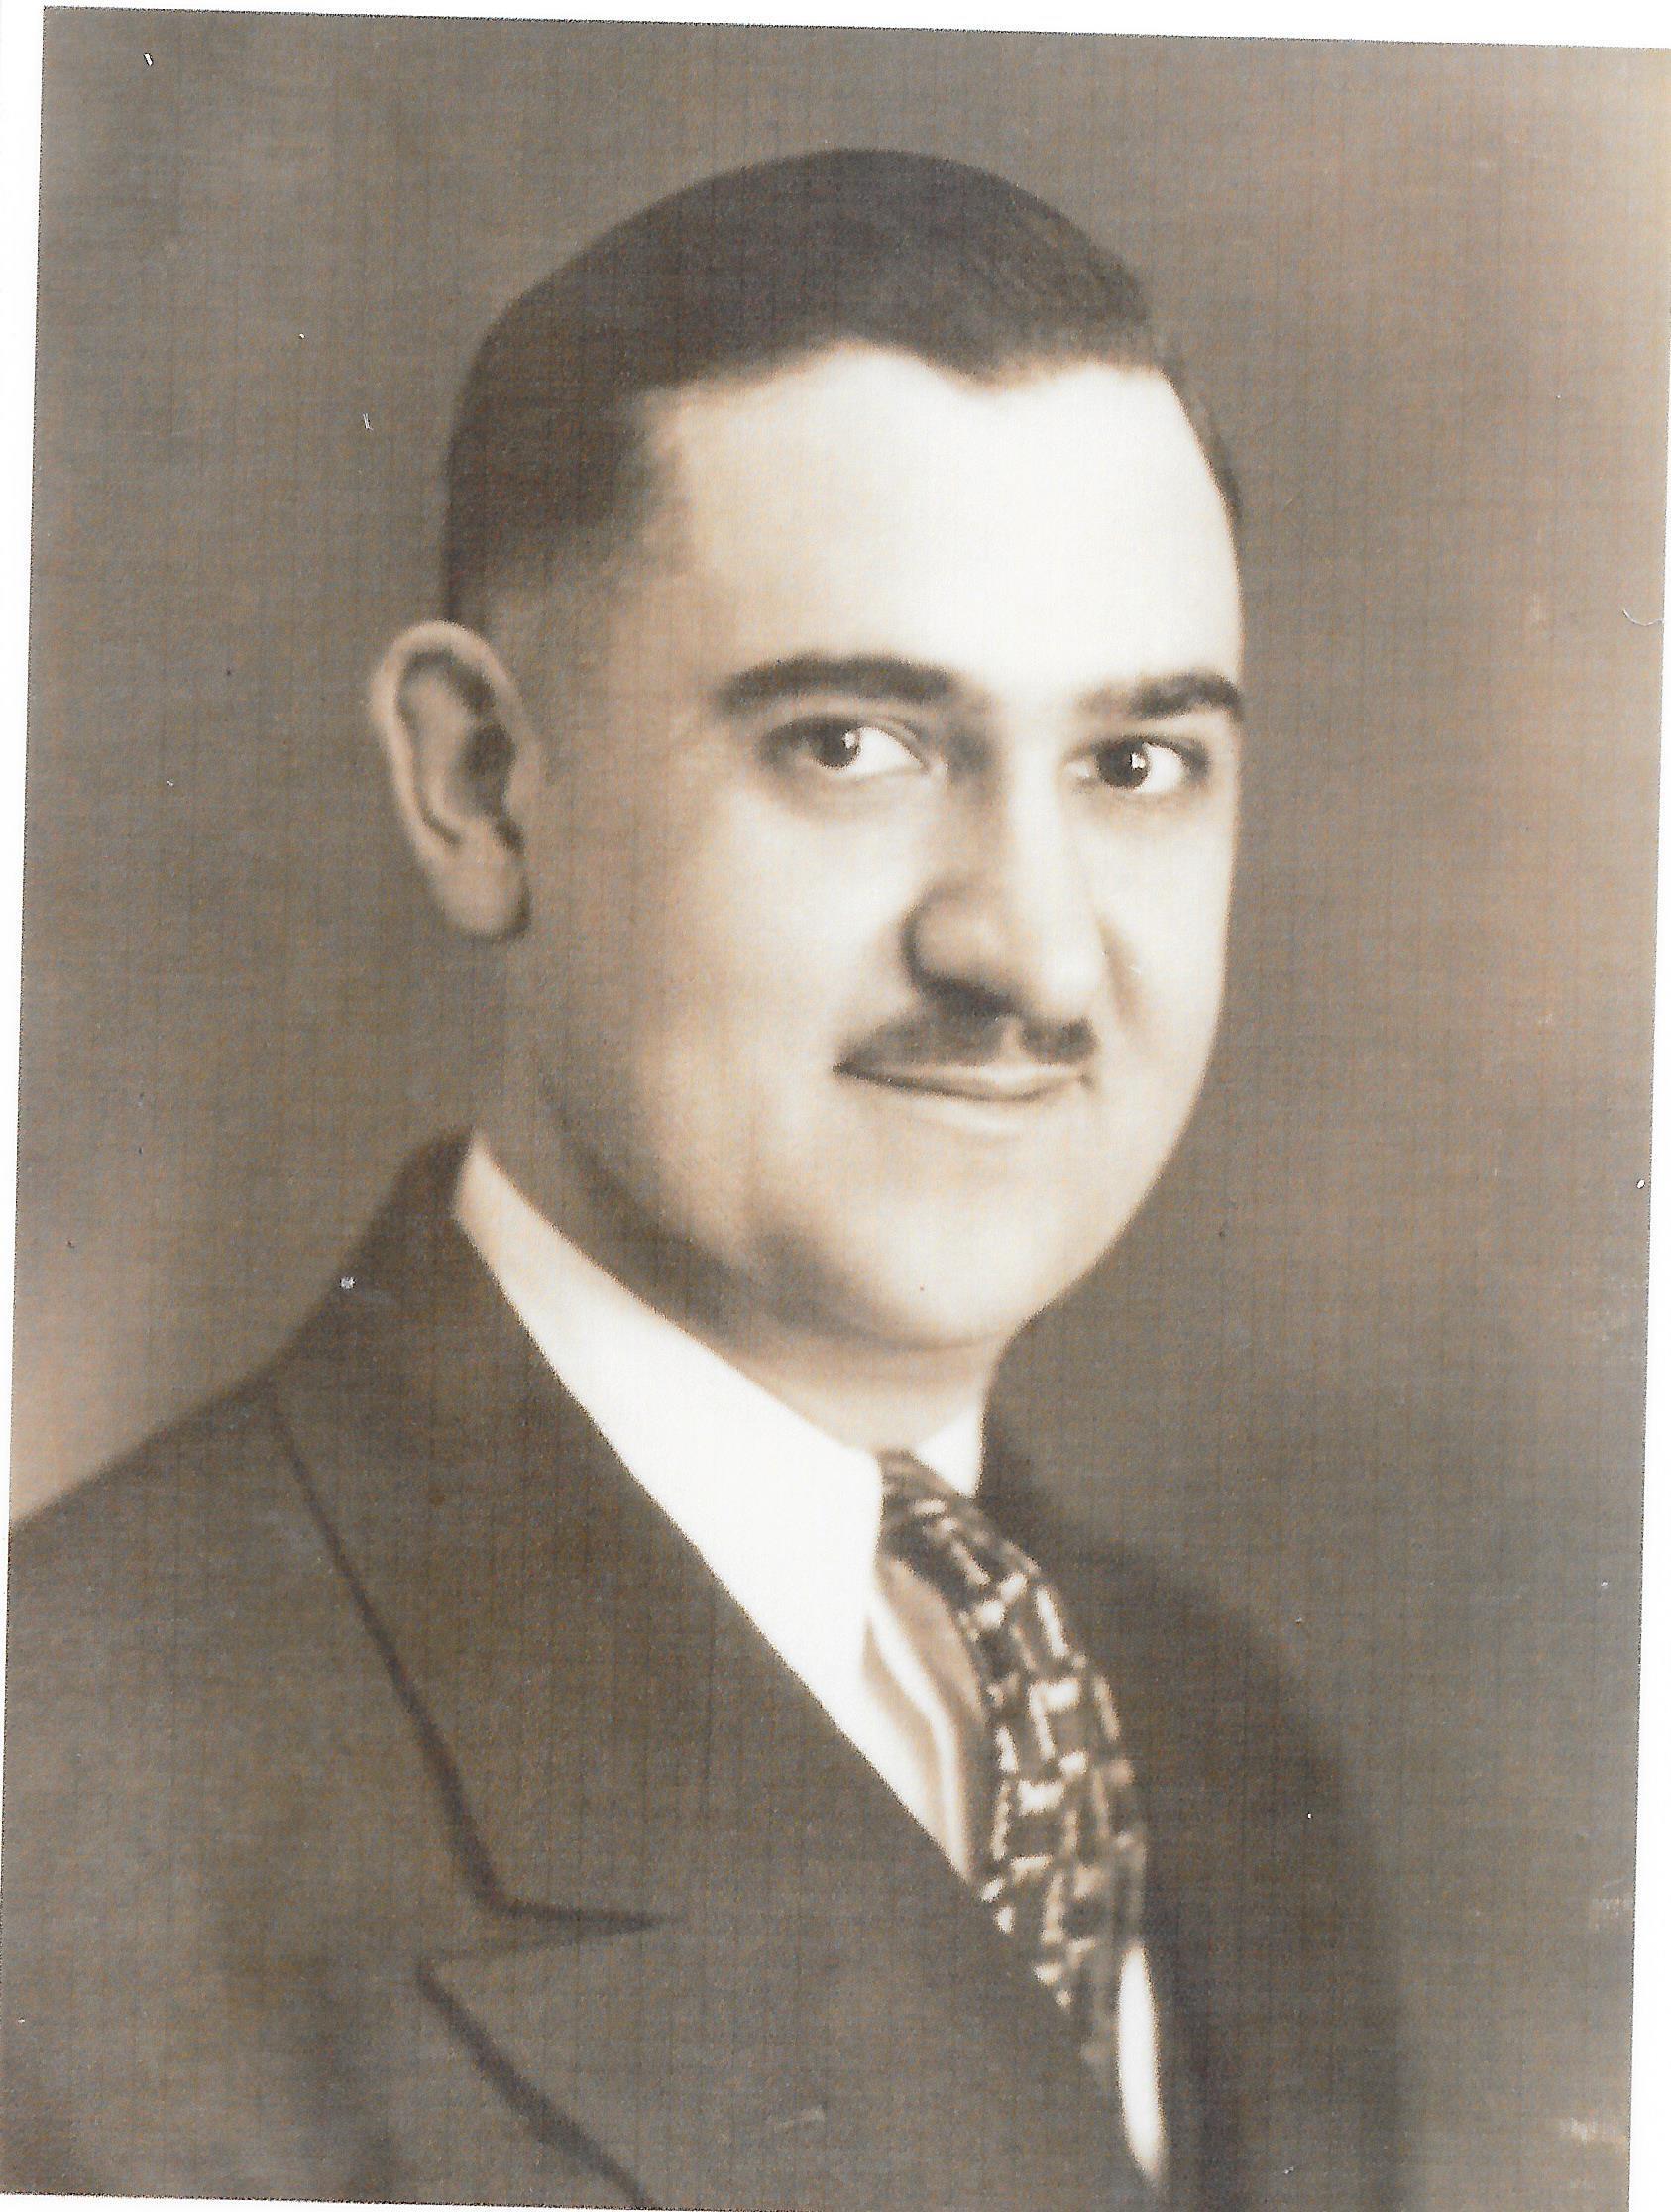 Charles Emery Michels